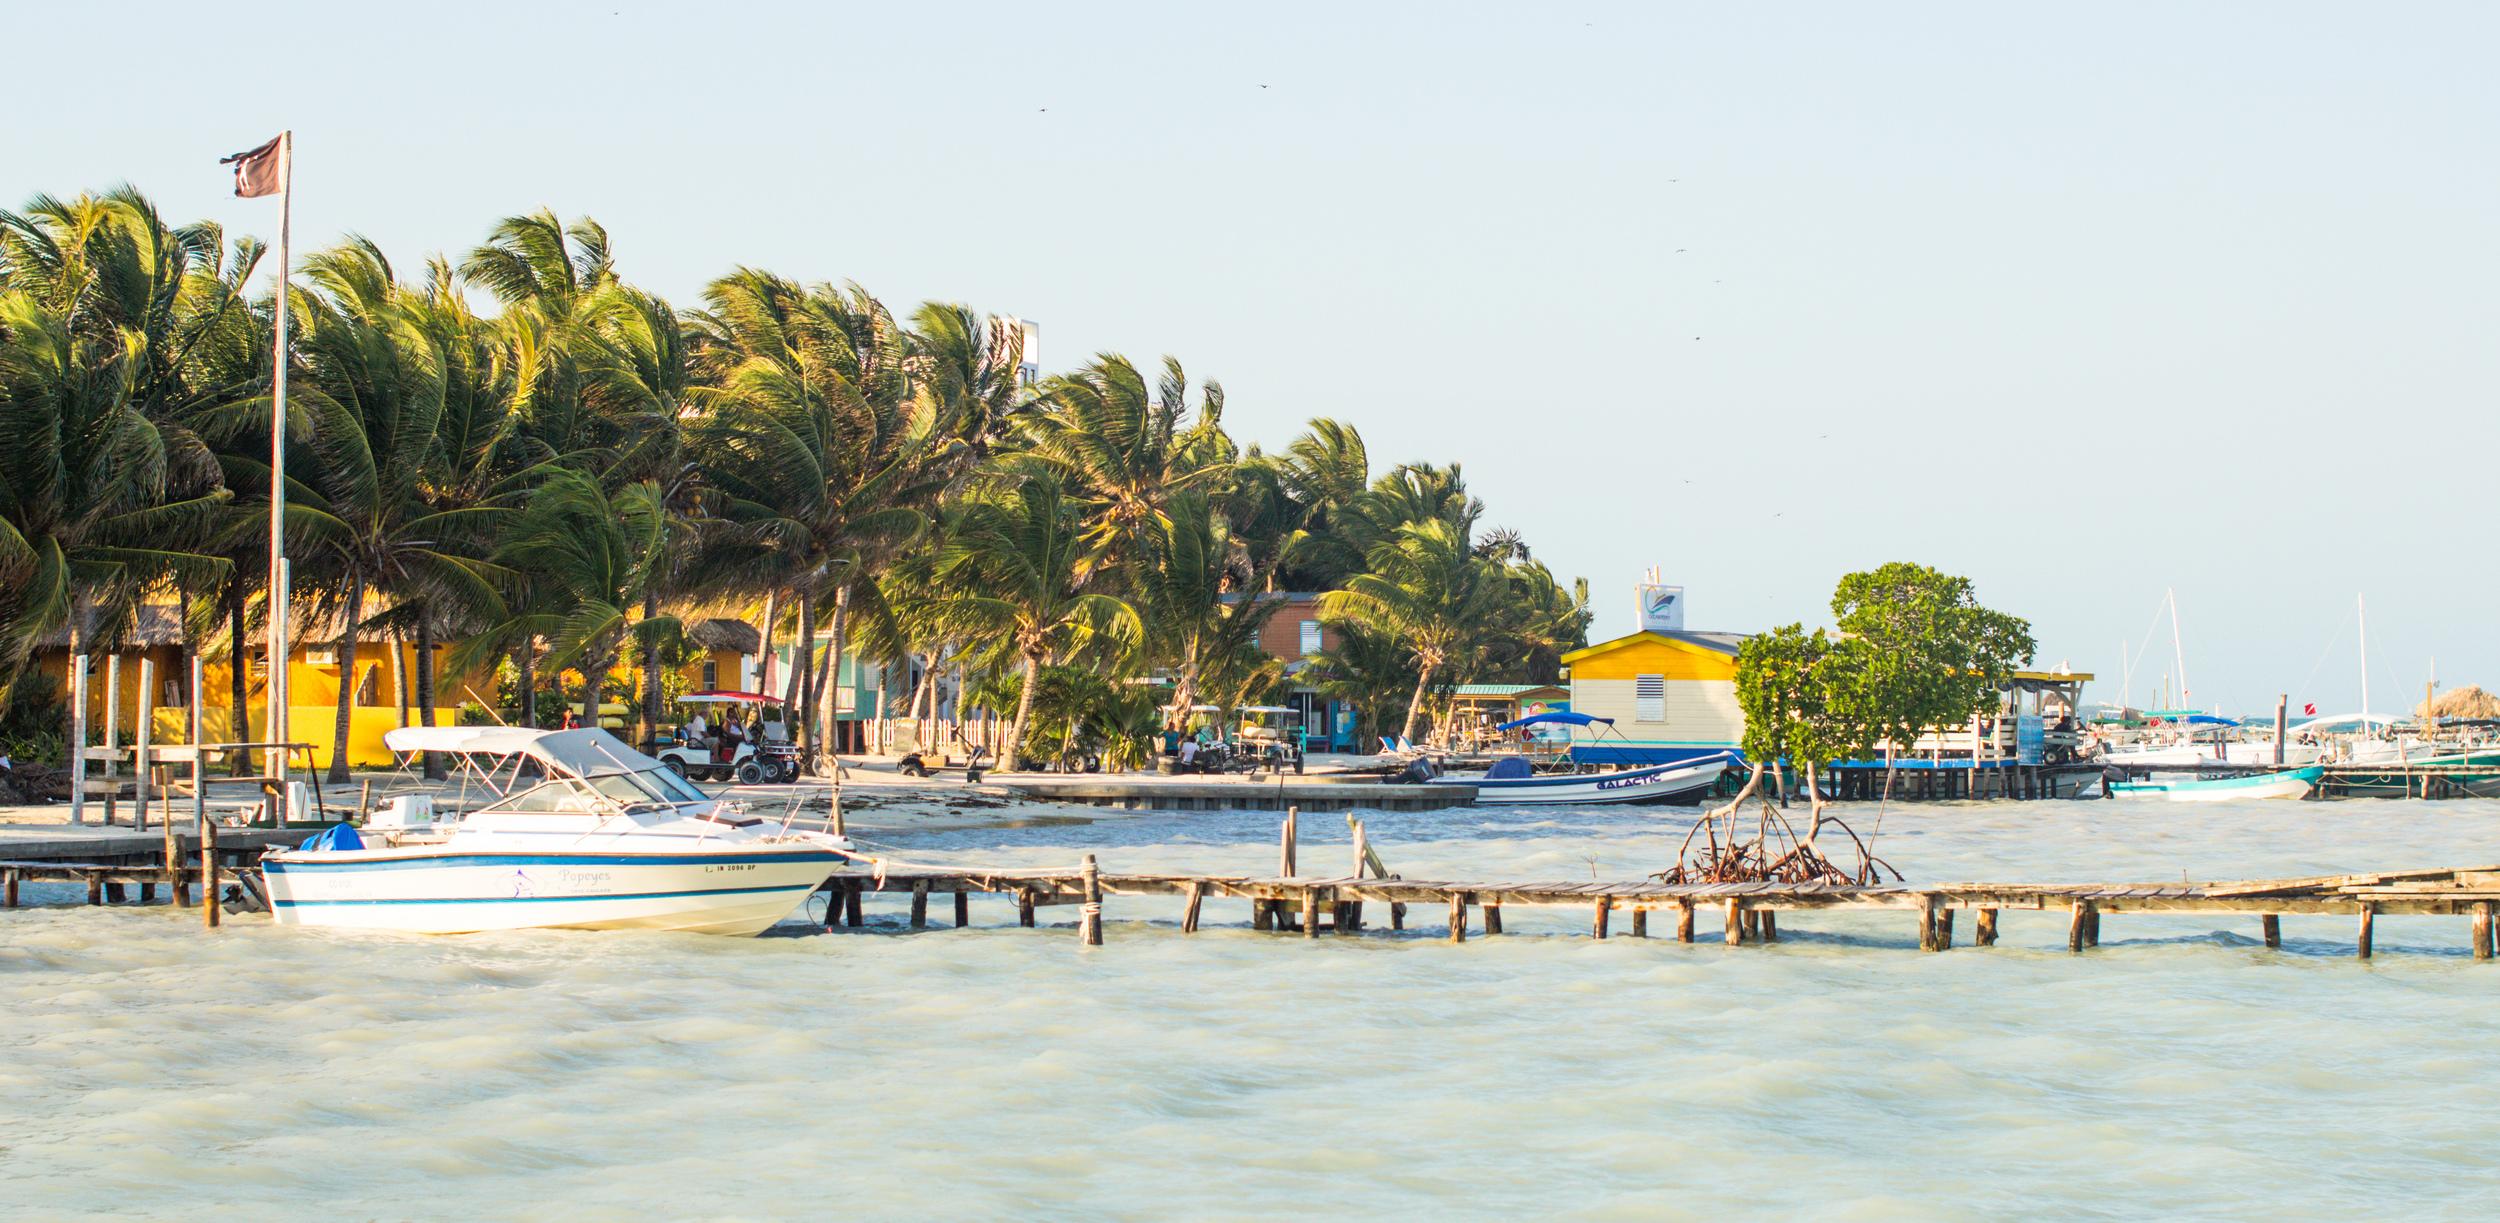 Belize Mermaid Retreat 2016-32.jpg